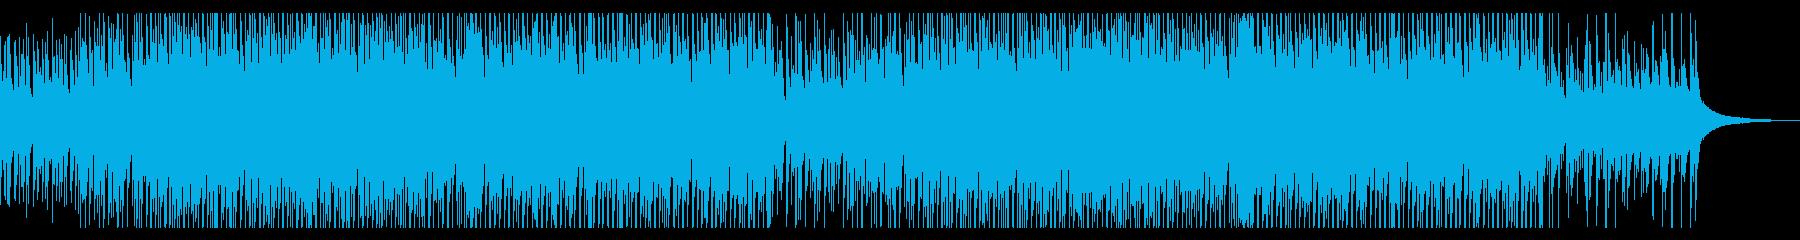 アップテンポで明るく陽気なコンセプト系の再生済みの波形